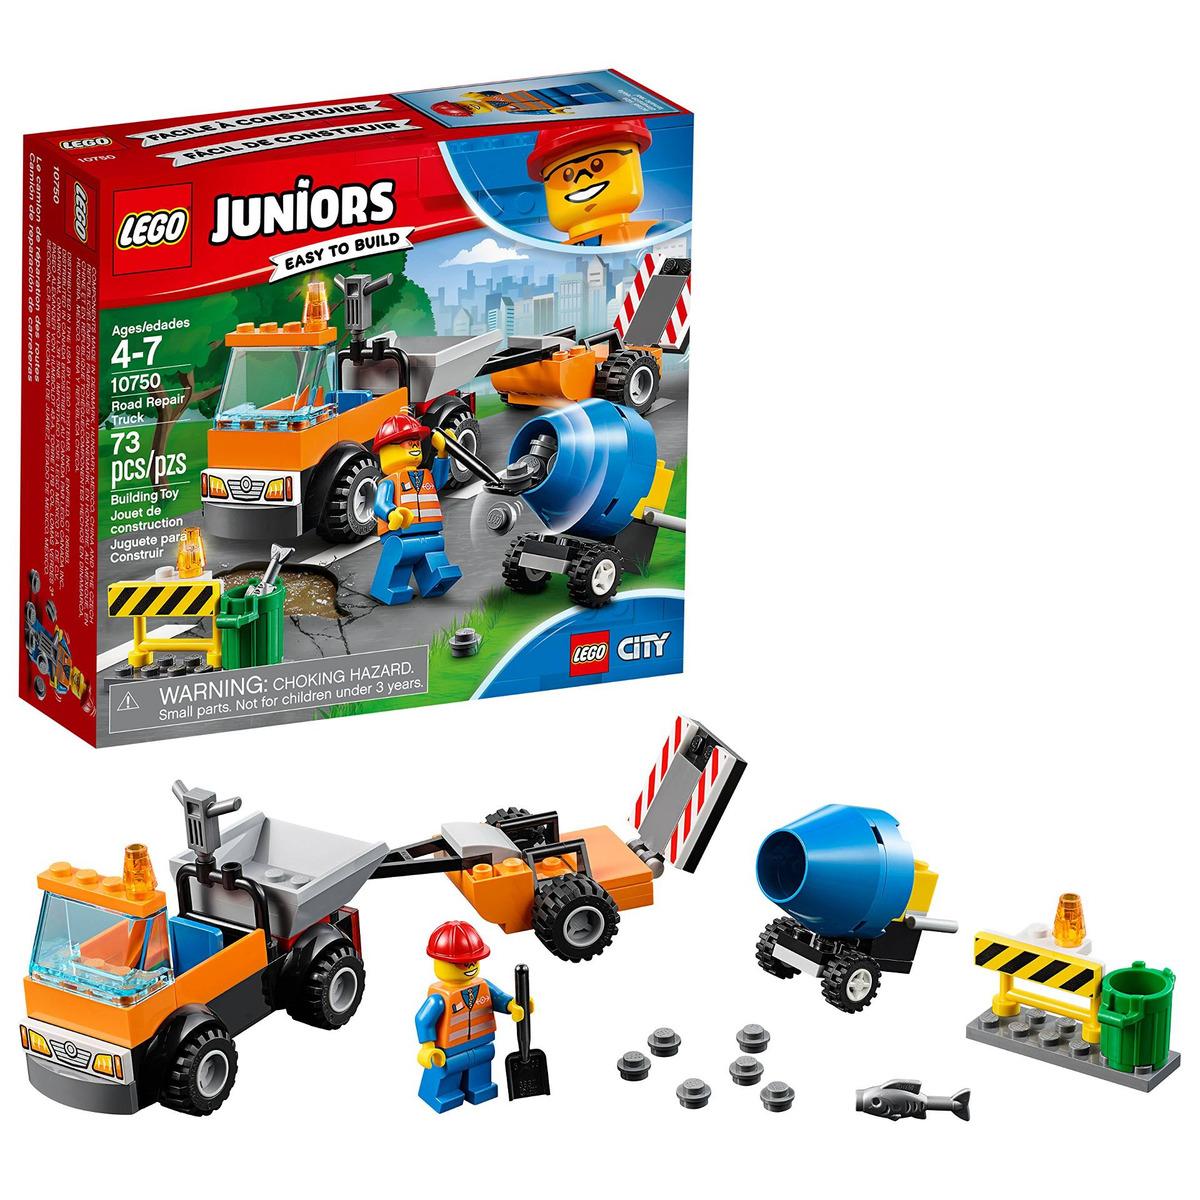 Lego De Carreteras 10750 Juniors Reparación Buildi Camión 76gIYfyvbm